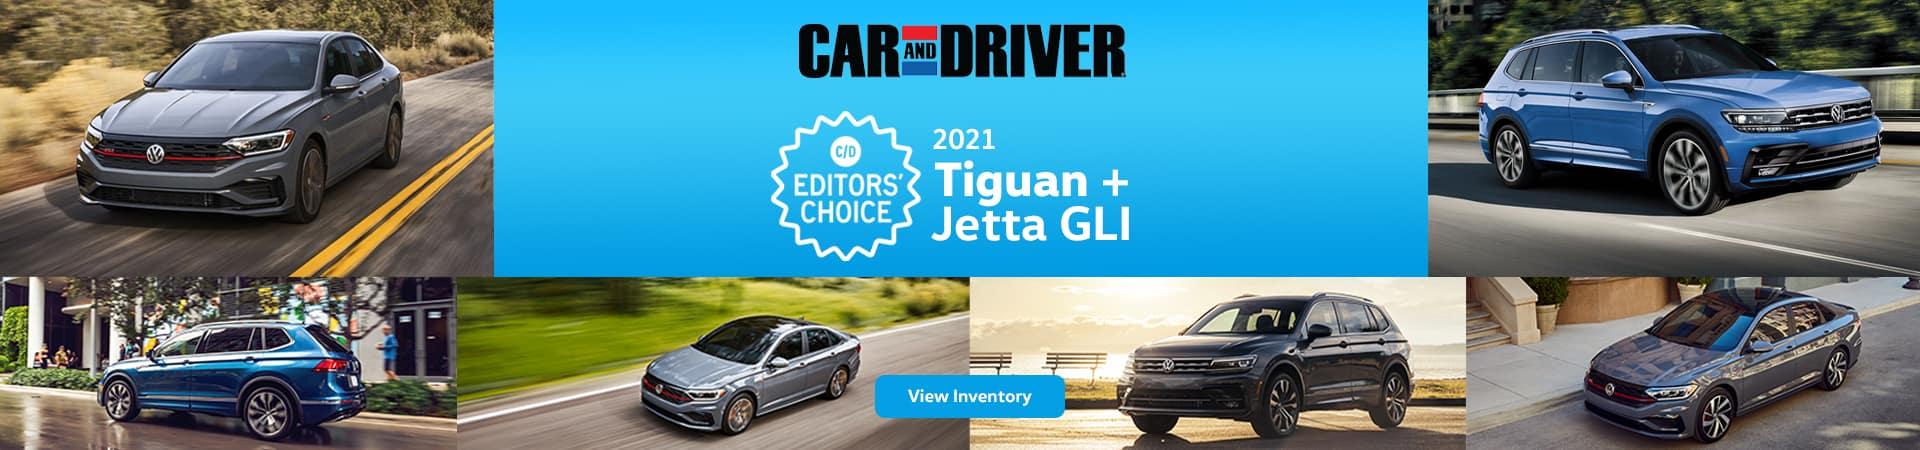 2021 Tiguan and Jetta GLI - Car and Driver Editors' Choice